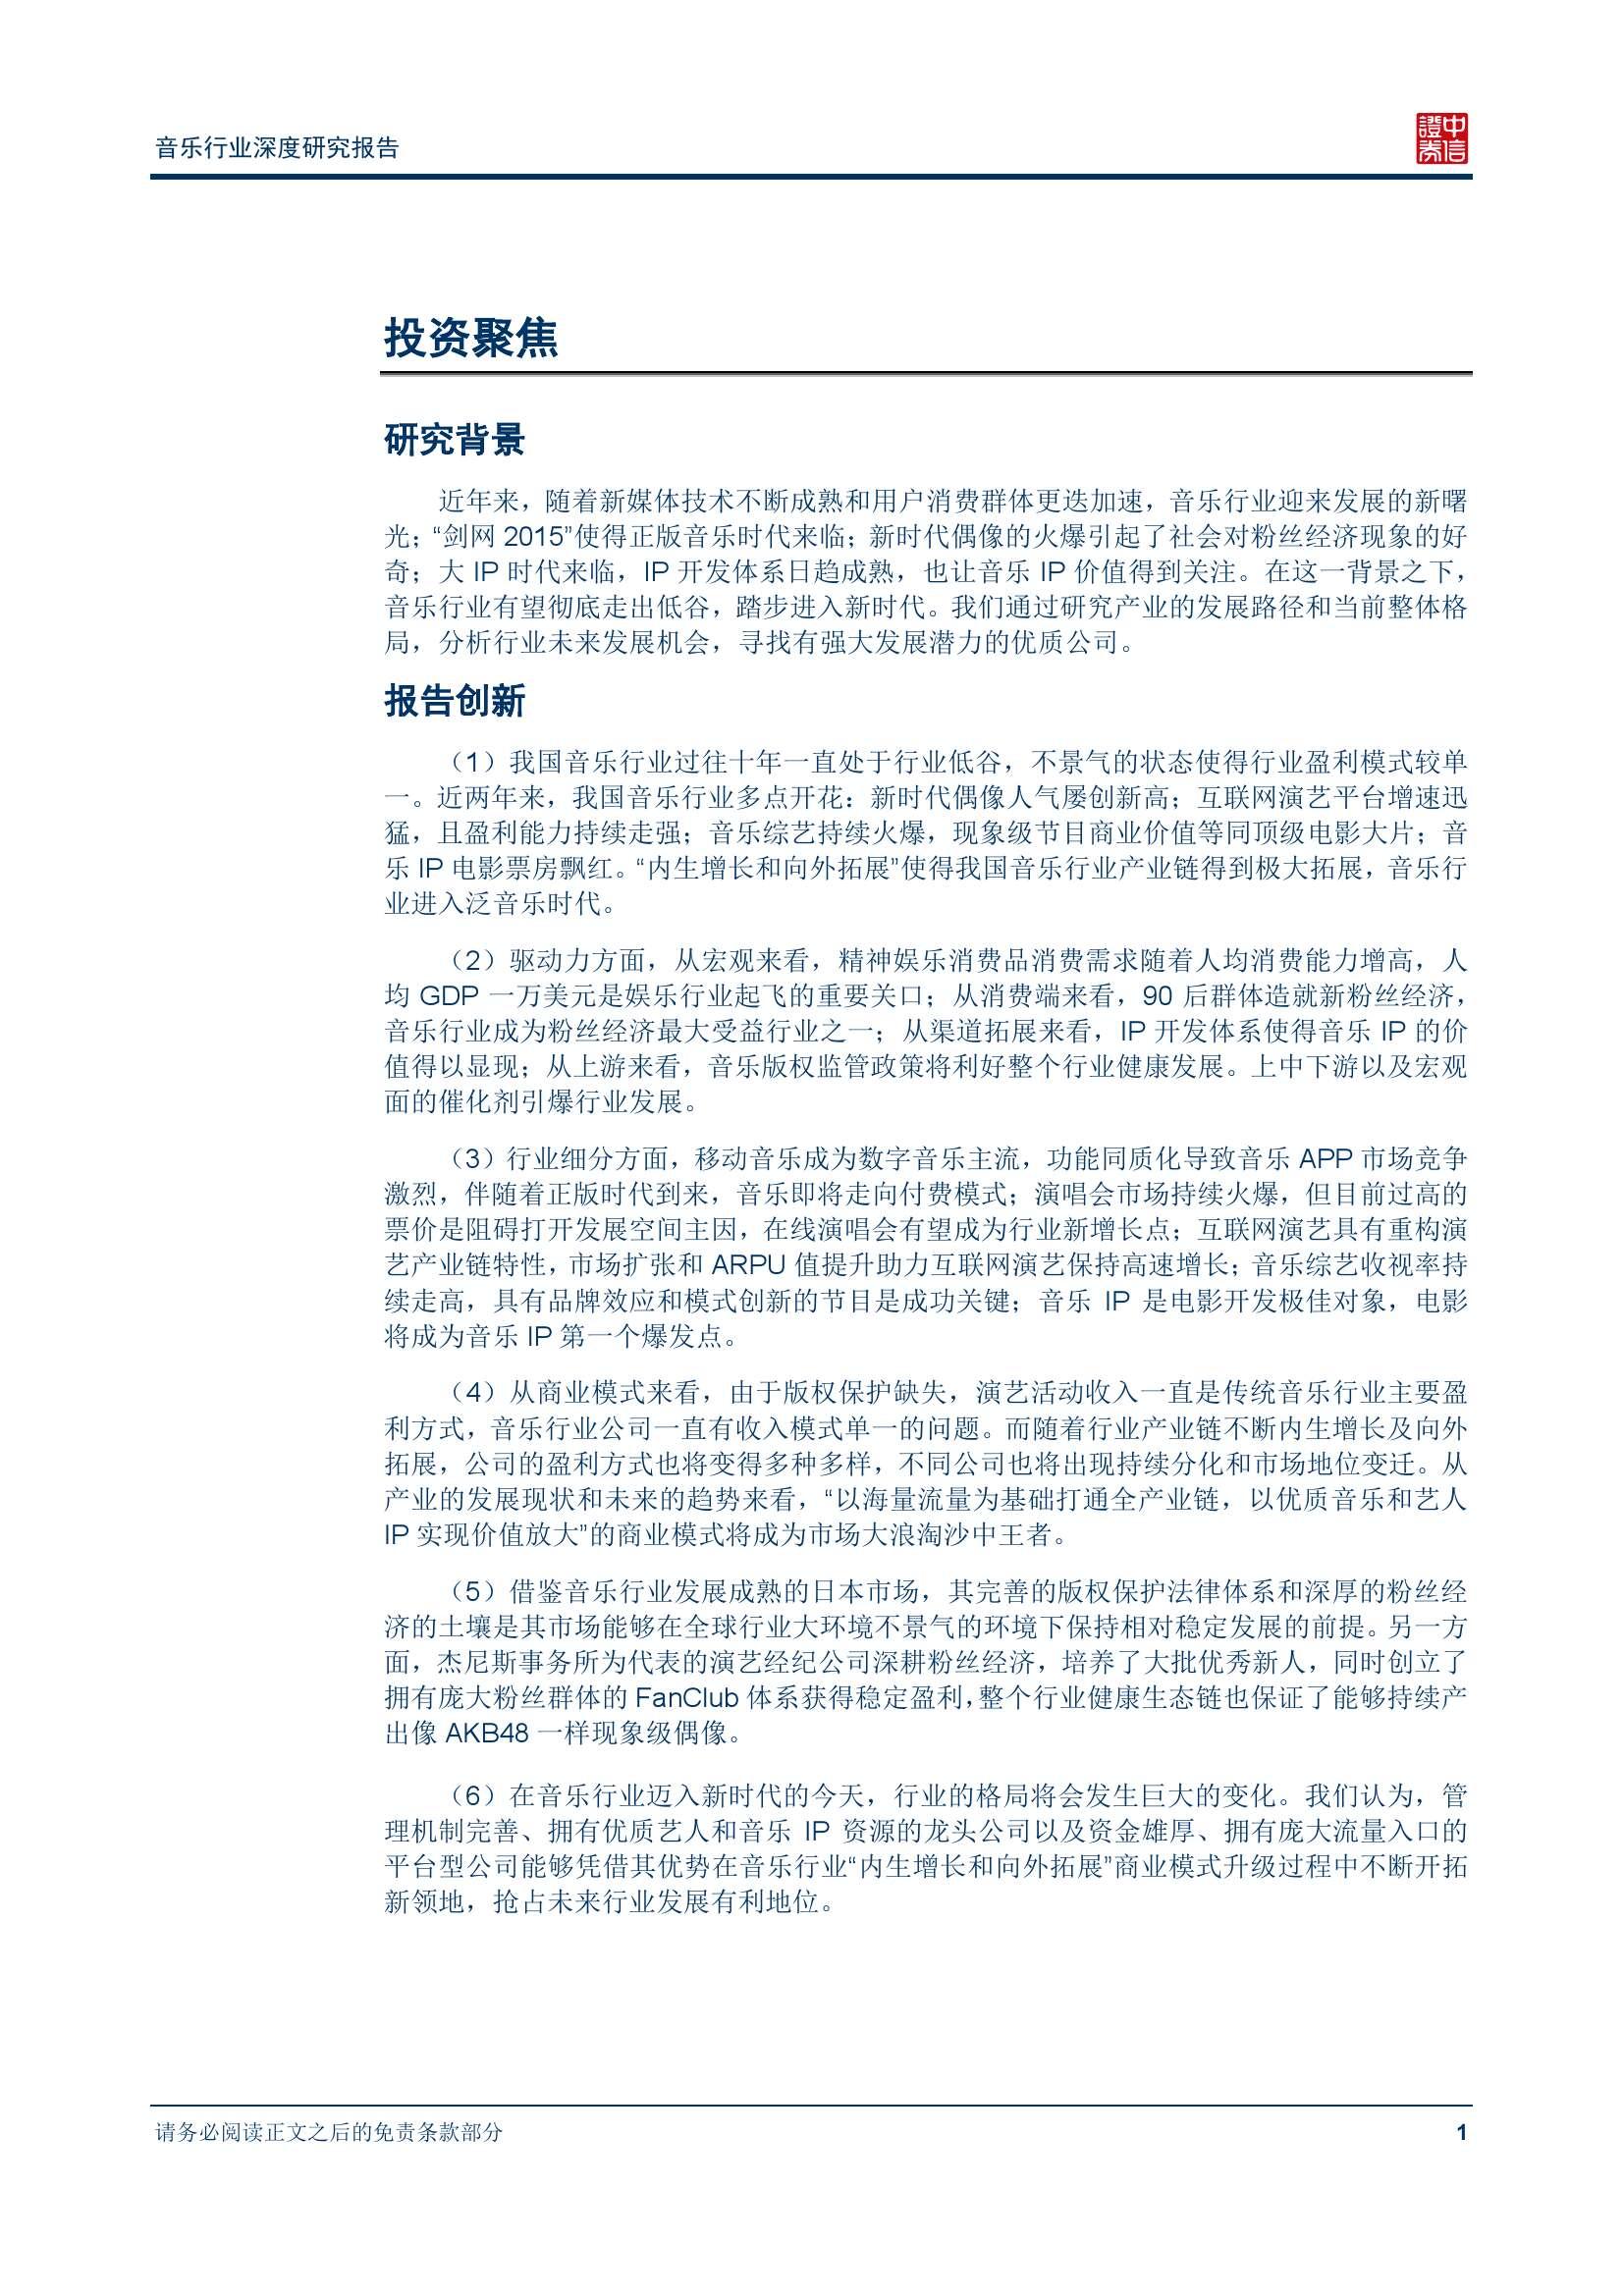 中信证券音乐行业深度研究报告_000006